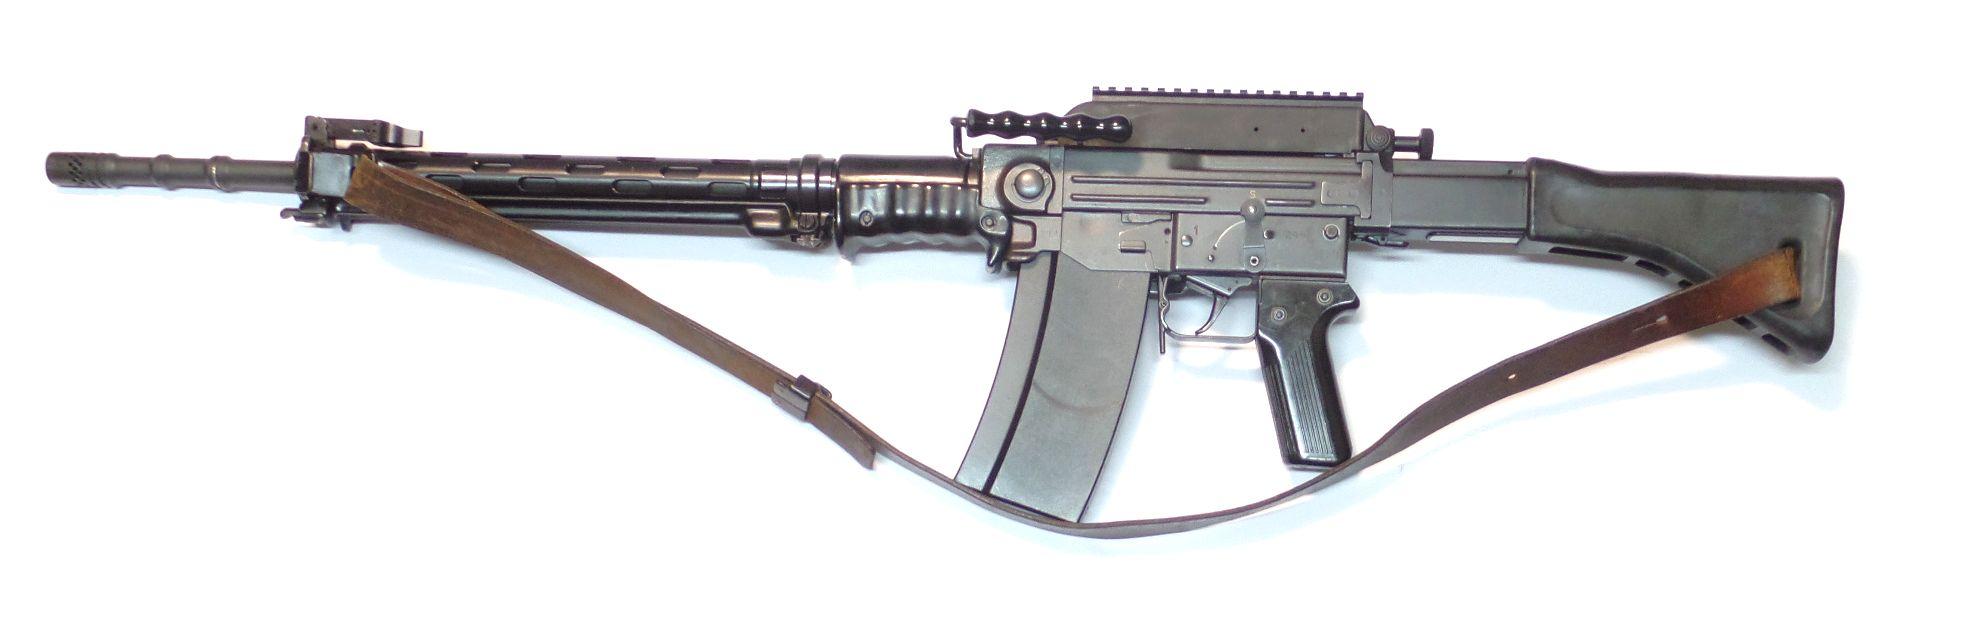 SIG - STG57 Sniper calibre 7.5x55